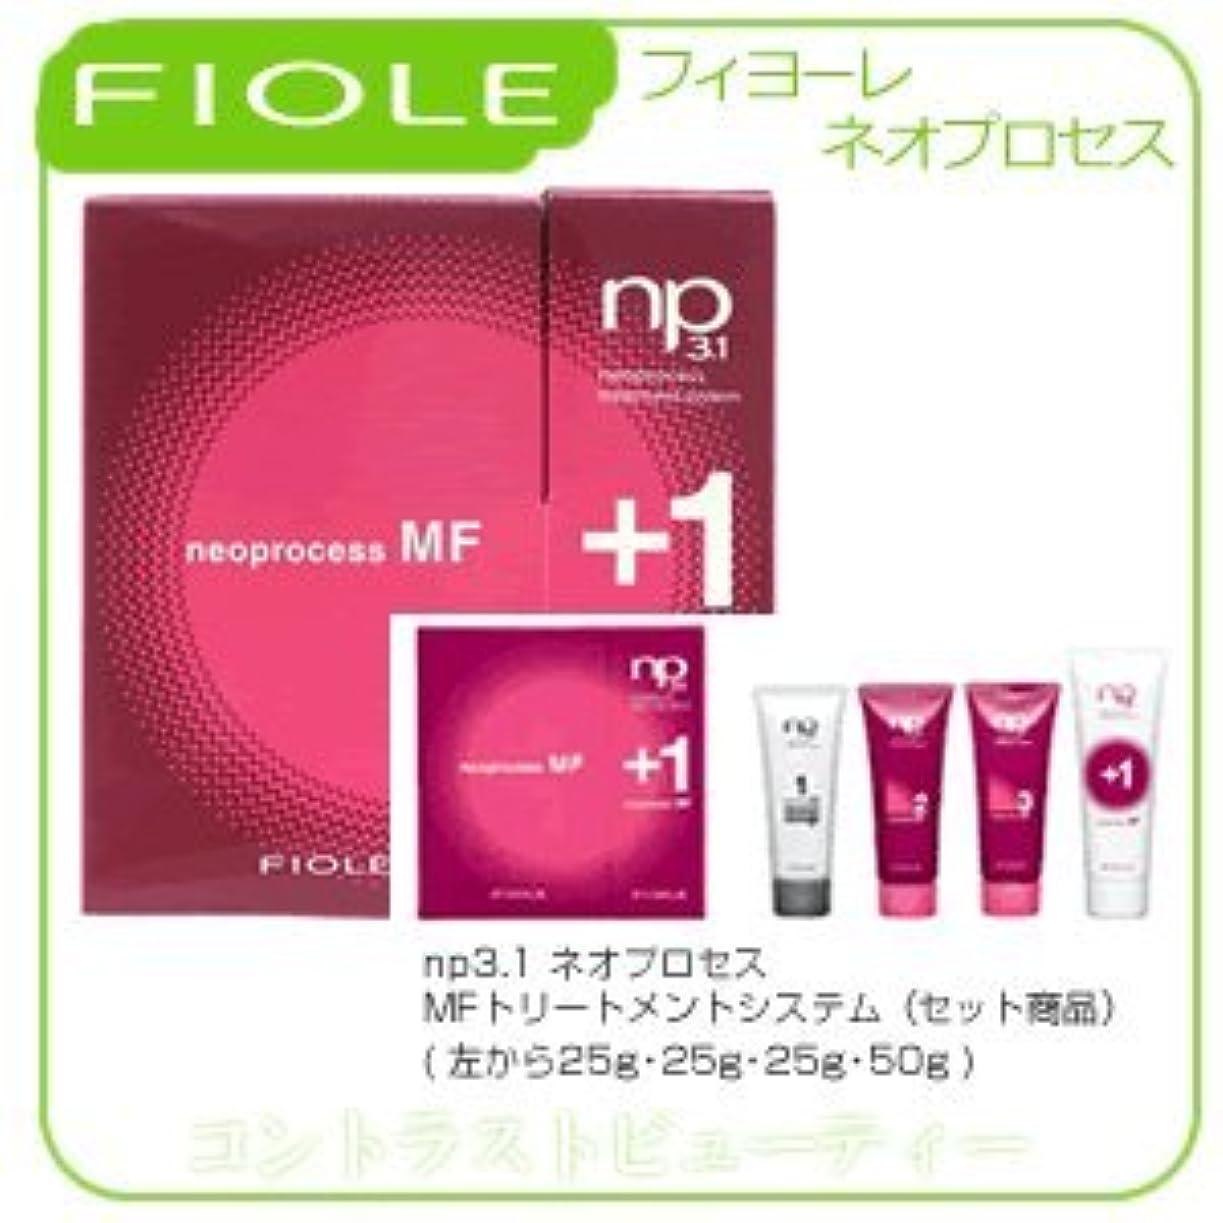 なる協同鳴り響く【X5個セット】 フィヨーレ NP3.1 ネオプロセス MF トリートメントシステム FIOLE ネオプロセス